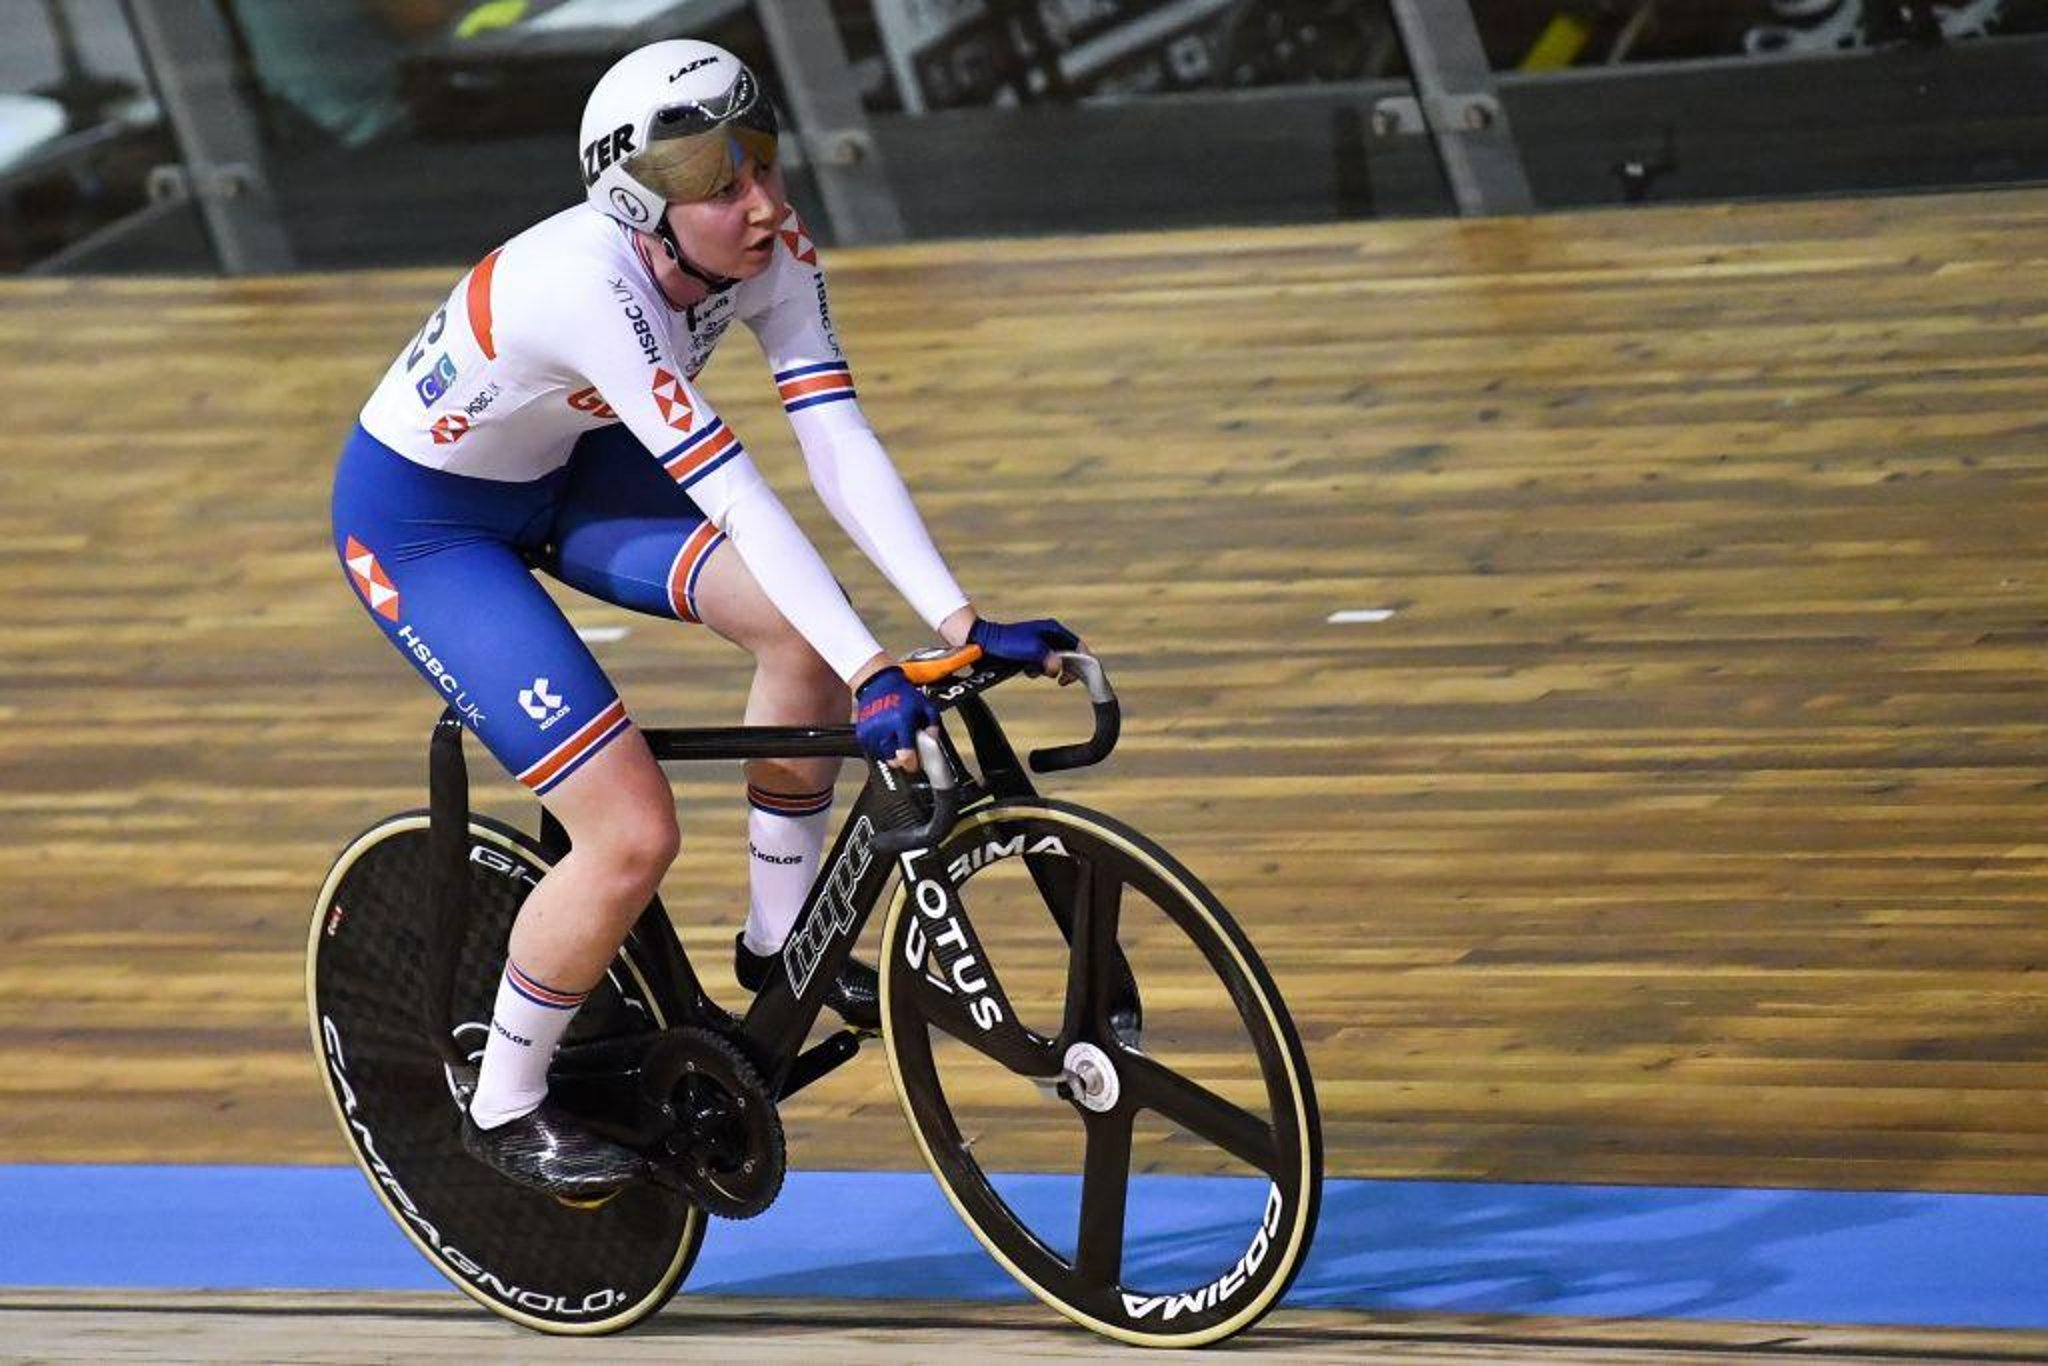 Silver Sunday untuk Katie Archibald menyamai rekor empat medali dalam kejuaraan dunia bersepeda